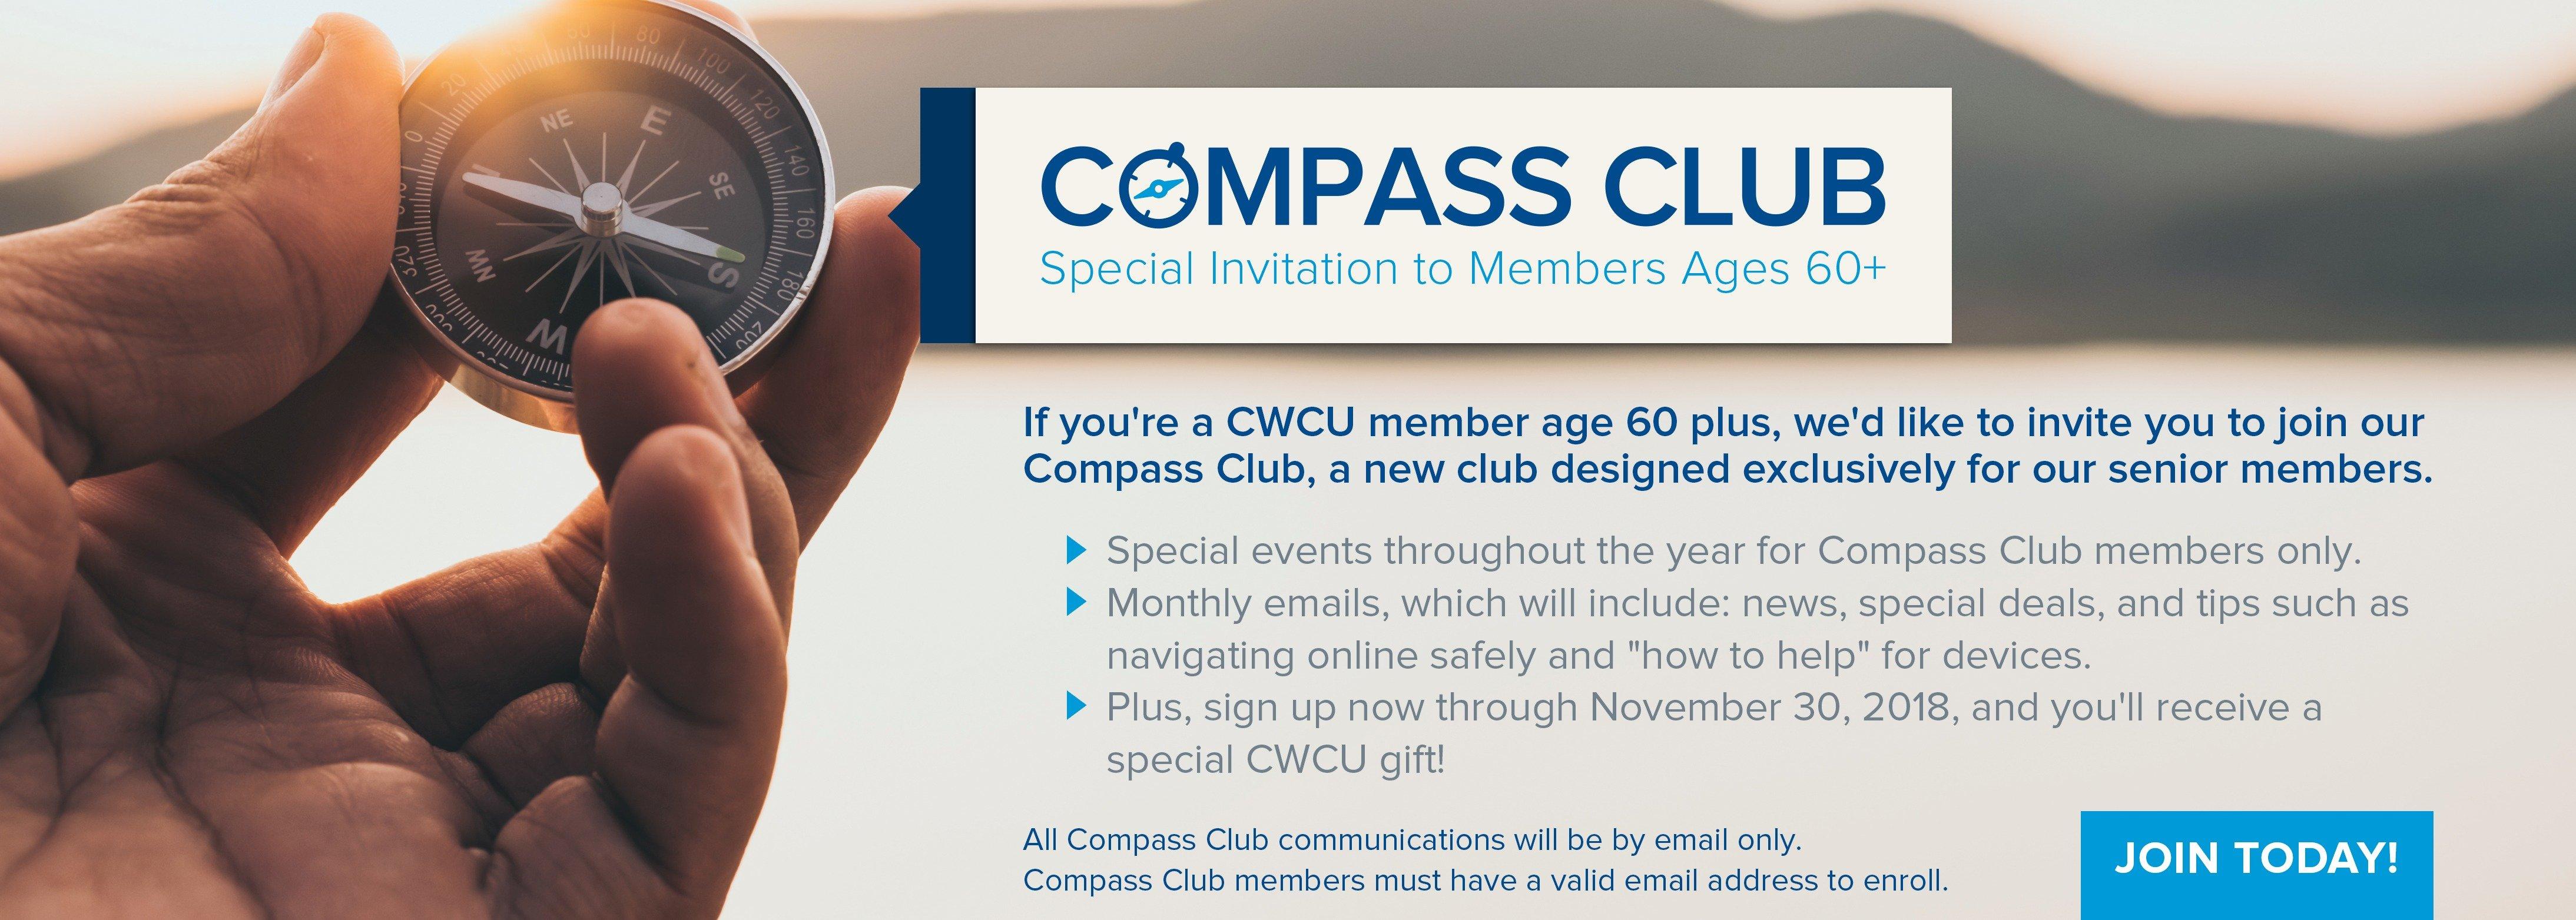 CompassClub_WebBanner Home